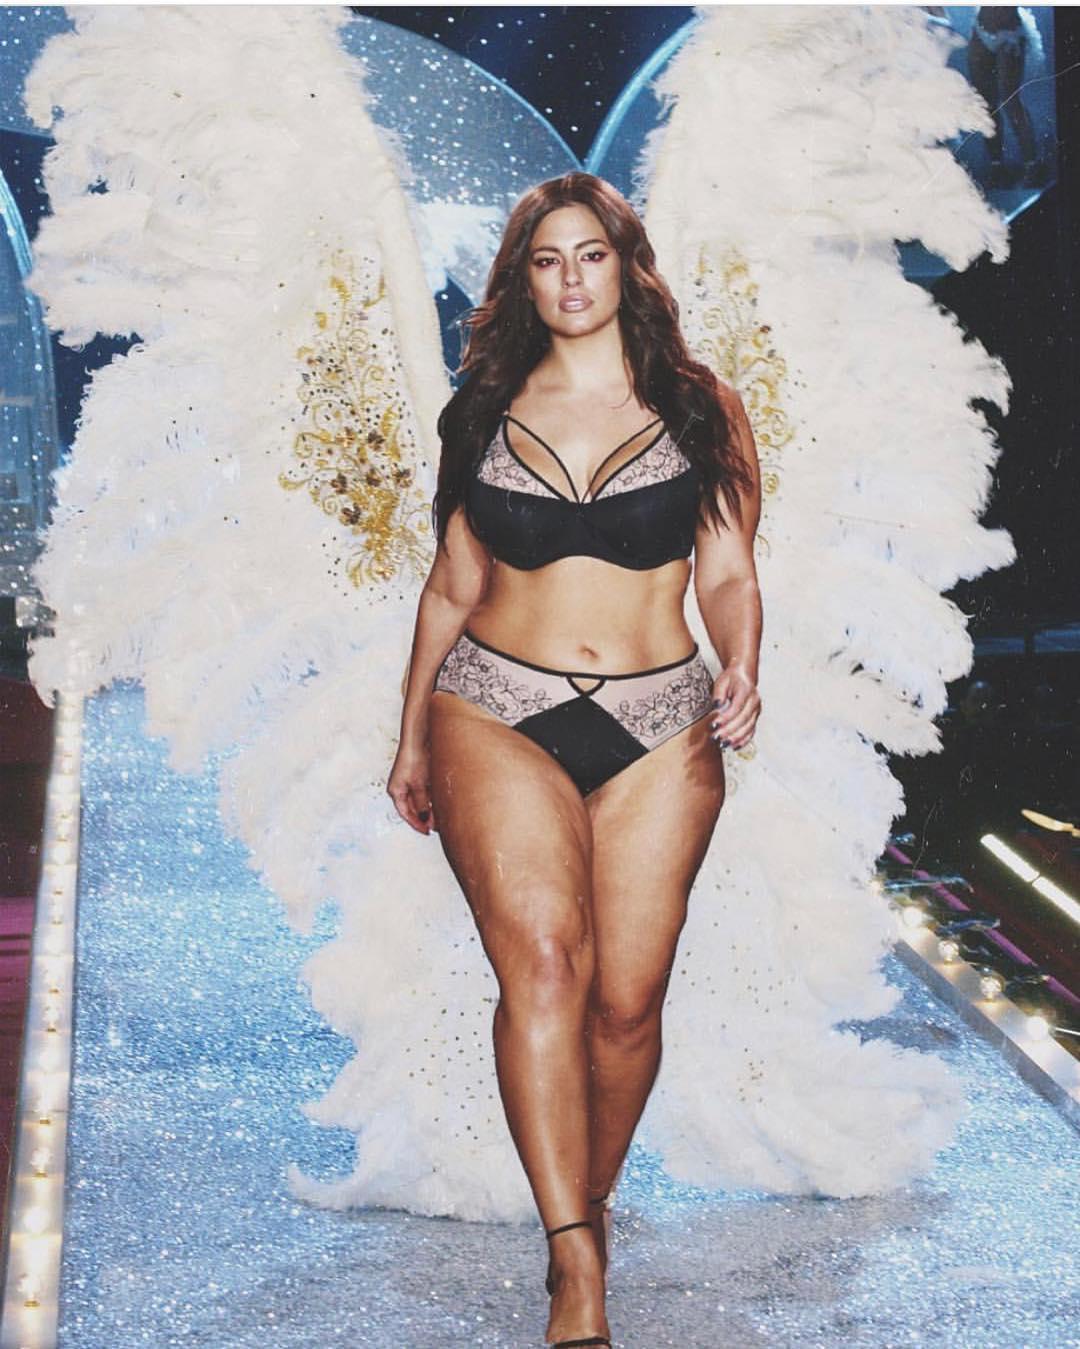 Эшли Грэм хочет стать «ангелом» Victoria's Secret-Фото 1